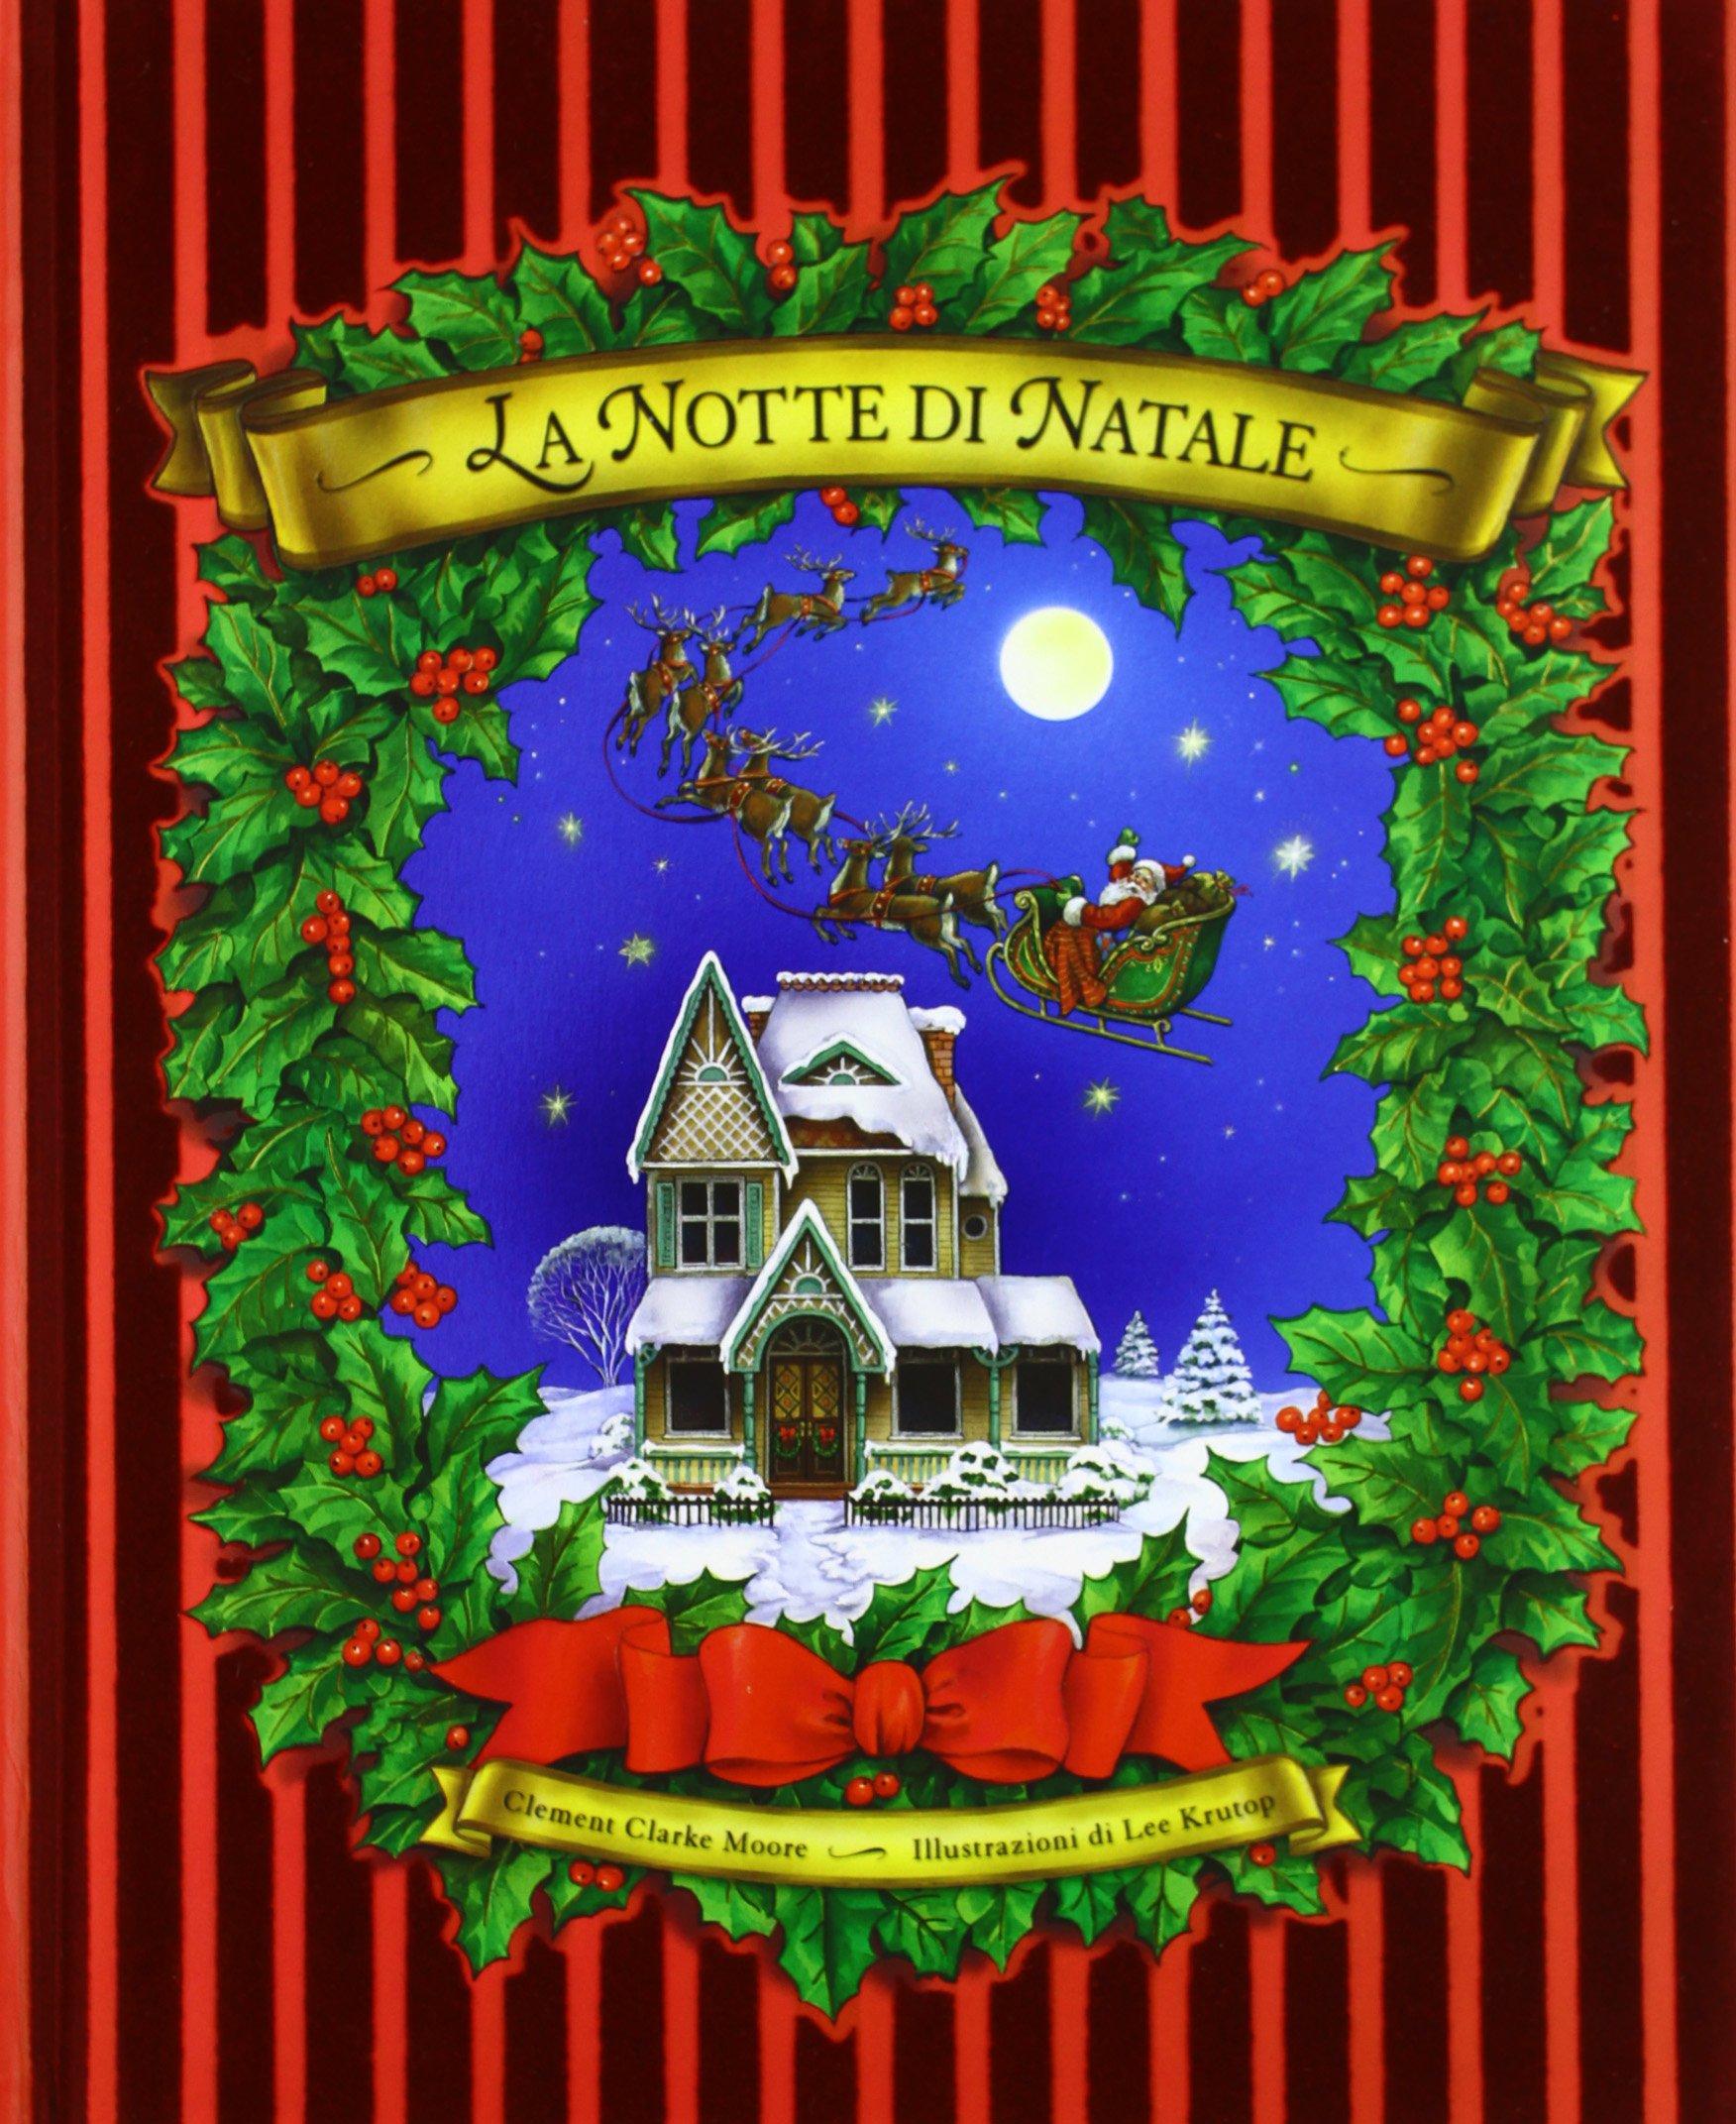 La Notte Di Natale.La Notte Di Natale Libro Pop Up Lee Krutop Clement C